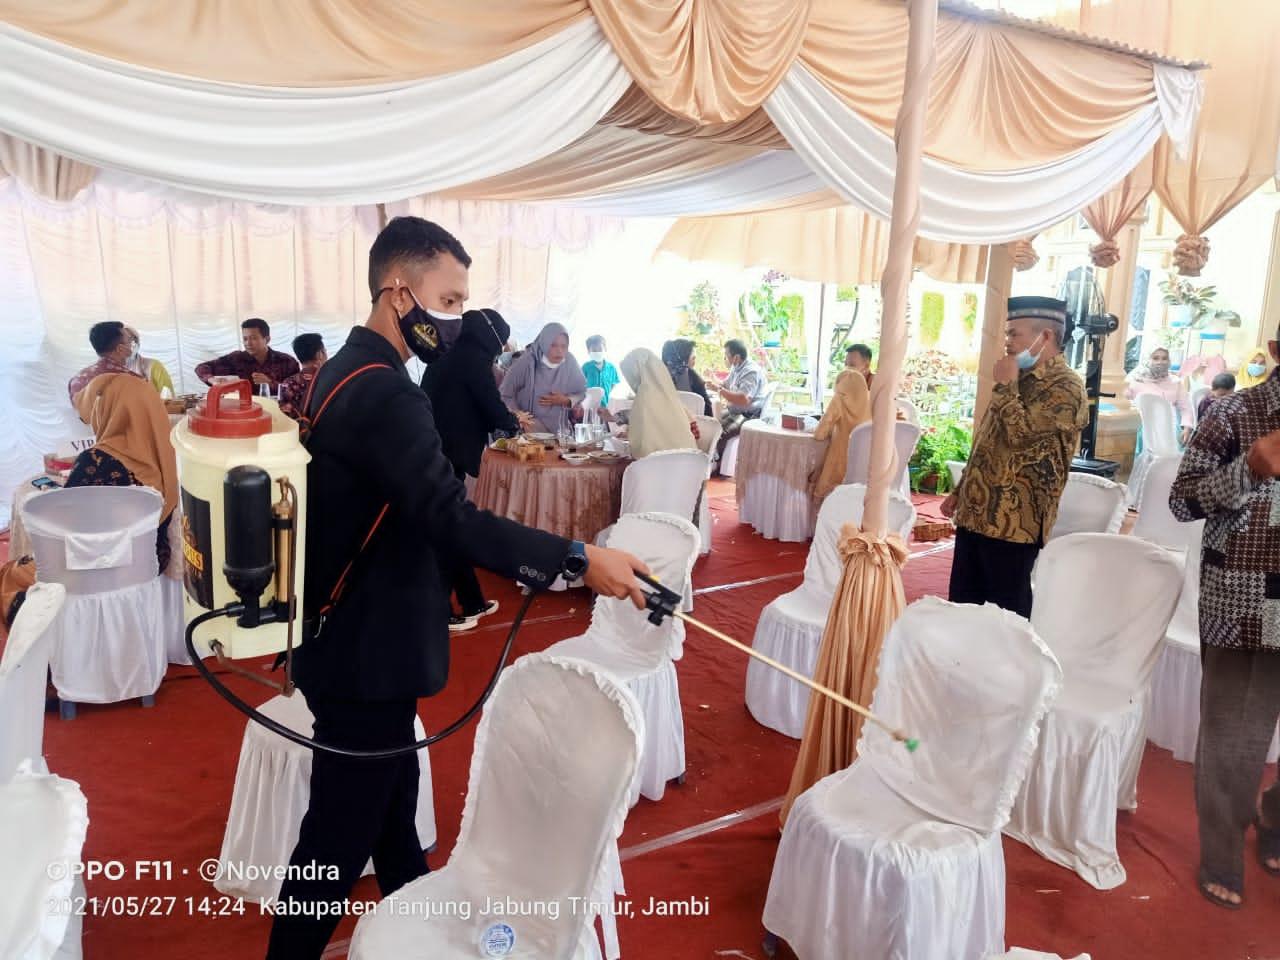 Resepsi pernikahan di Kecamatan Muara Sabak Barat, Kabupaten Tanjung Jabung Timur menerapkan protokol kesehatan Covid-19 secara ketat. SELOKO.ID/Istimewa.